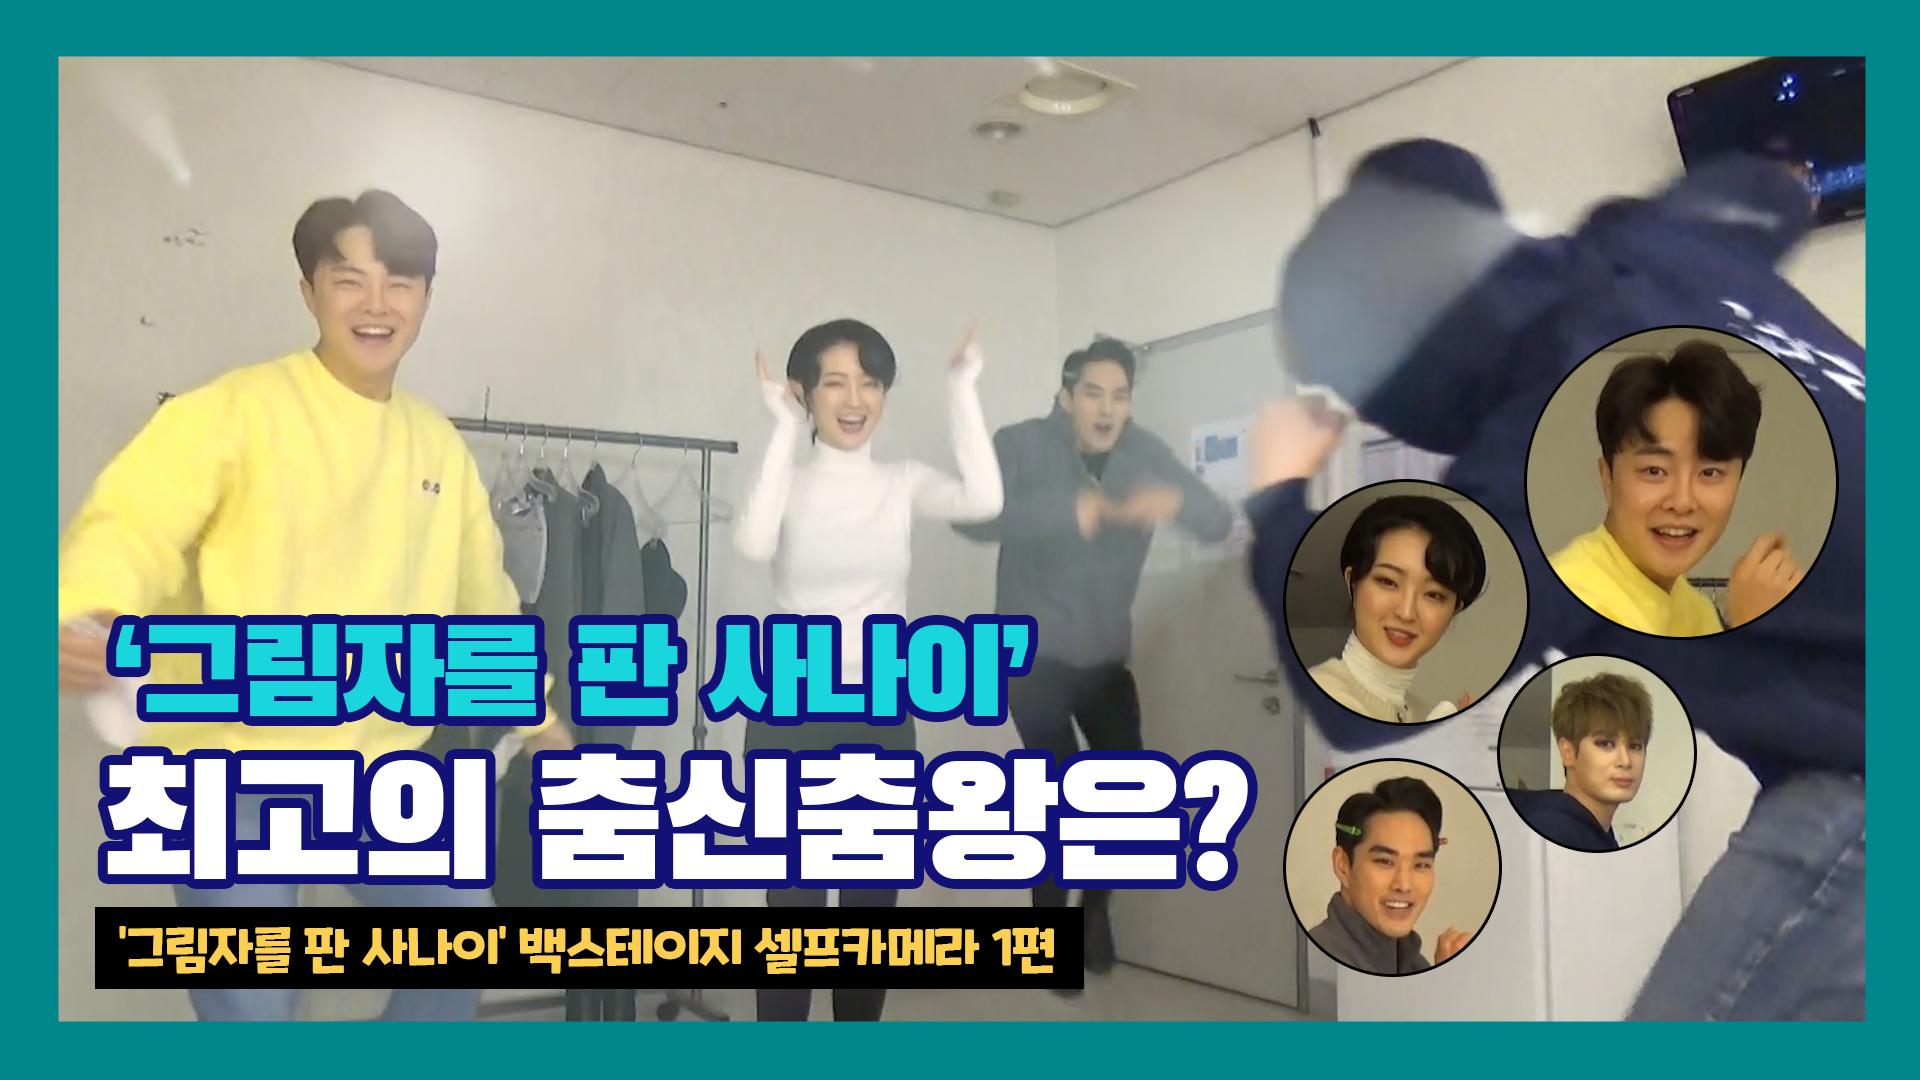 '그림자를 판 사나이' 최고의 춤신춤왕은? ['그림자를 판 사나이' 백스테이지 셀프카메라 1편]